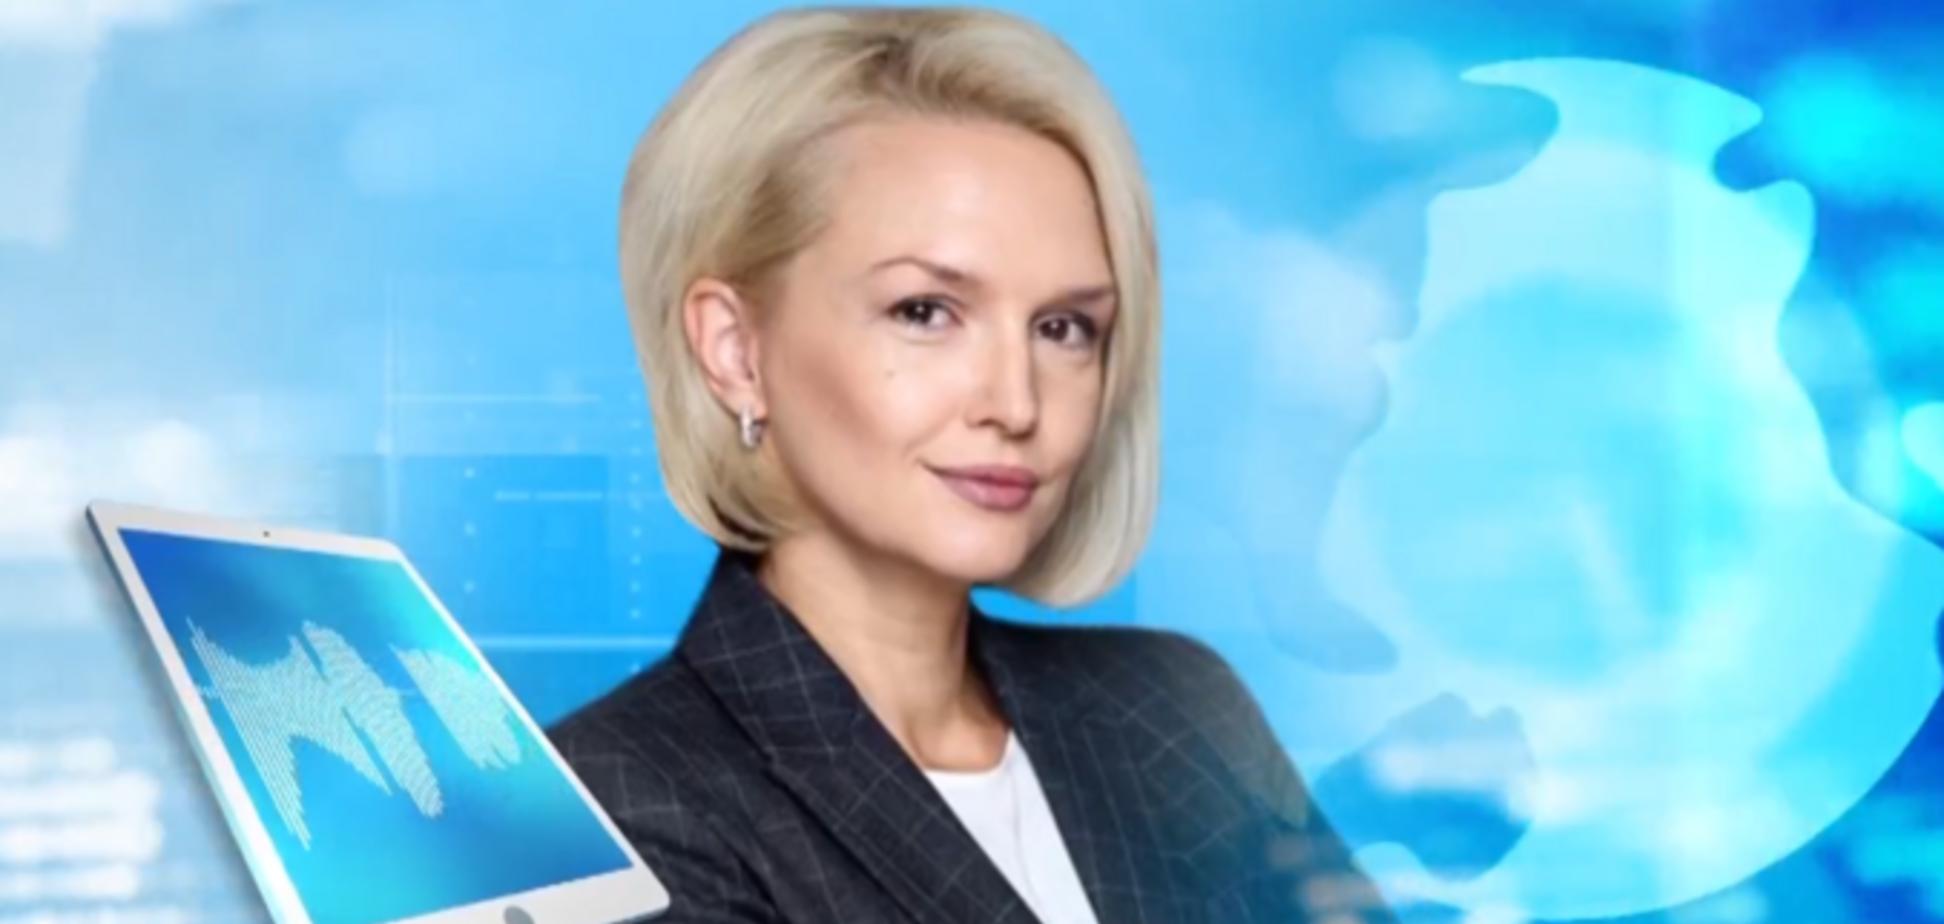 ''Трансляция нарративов российской пропаганды'': в МИД прокомментировали слова чешского президента